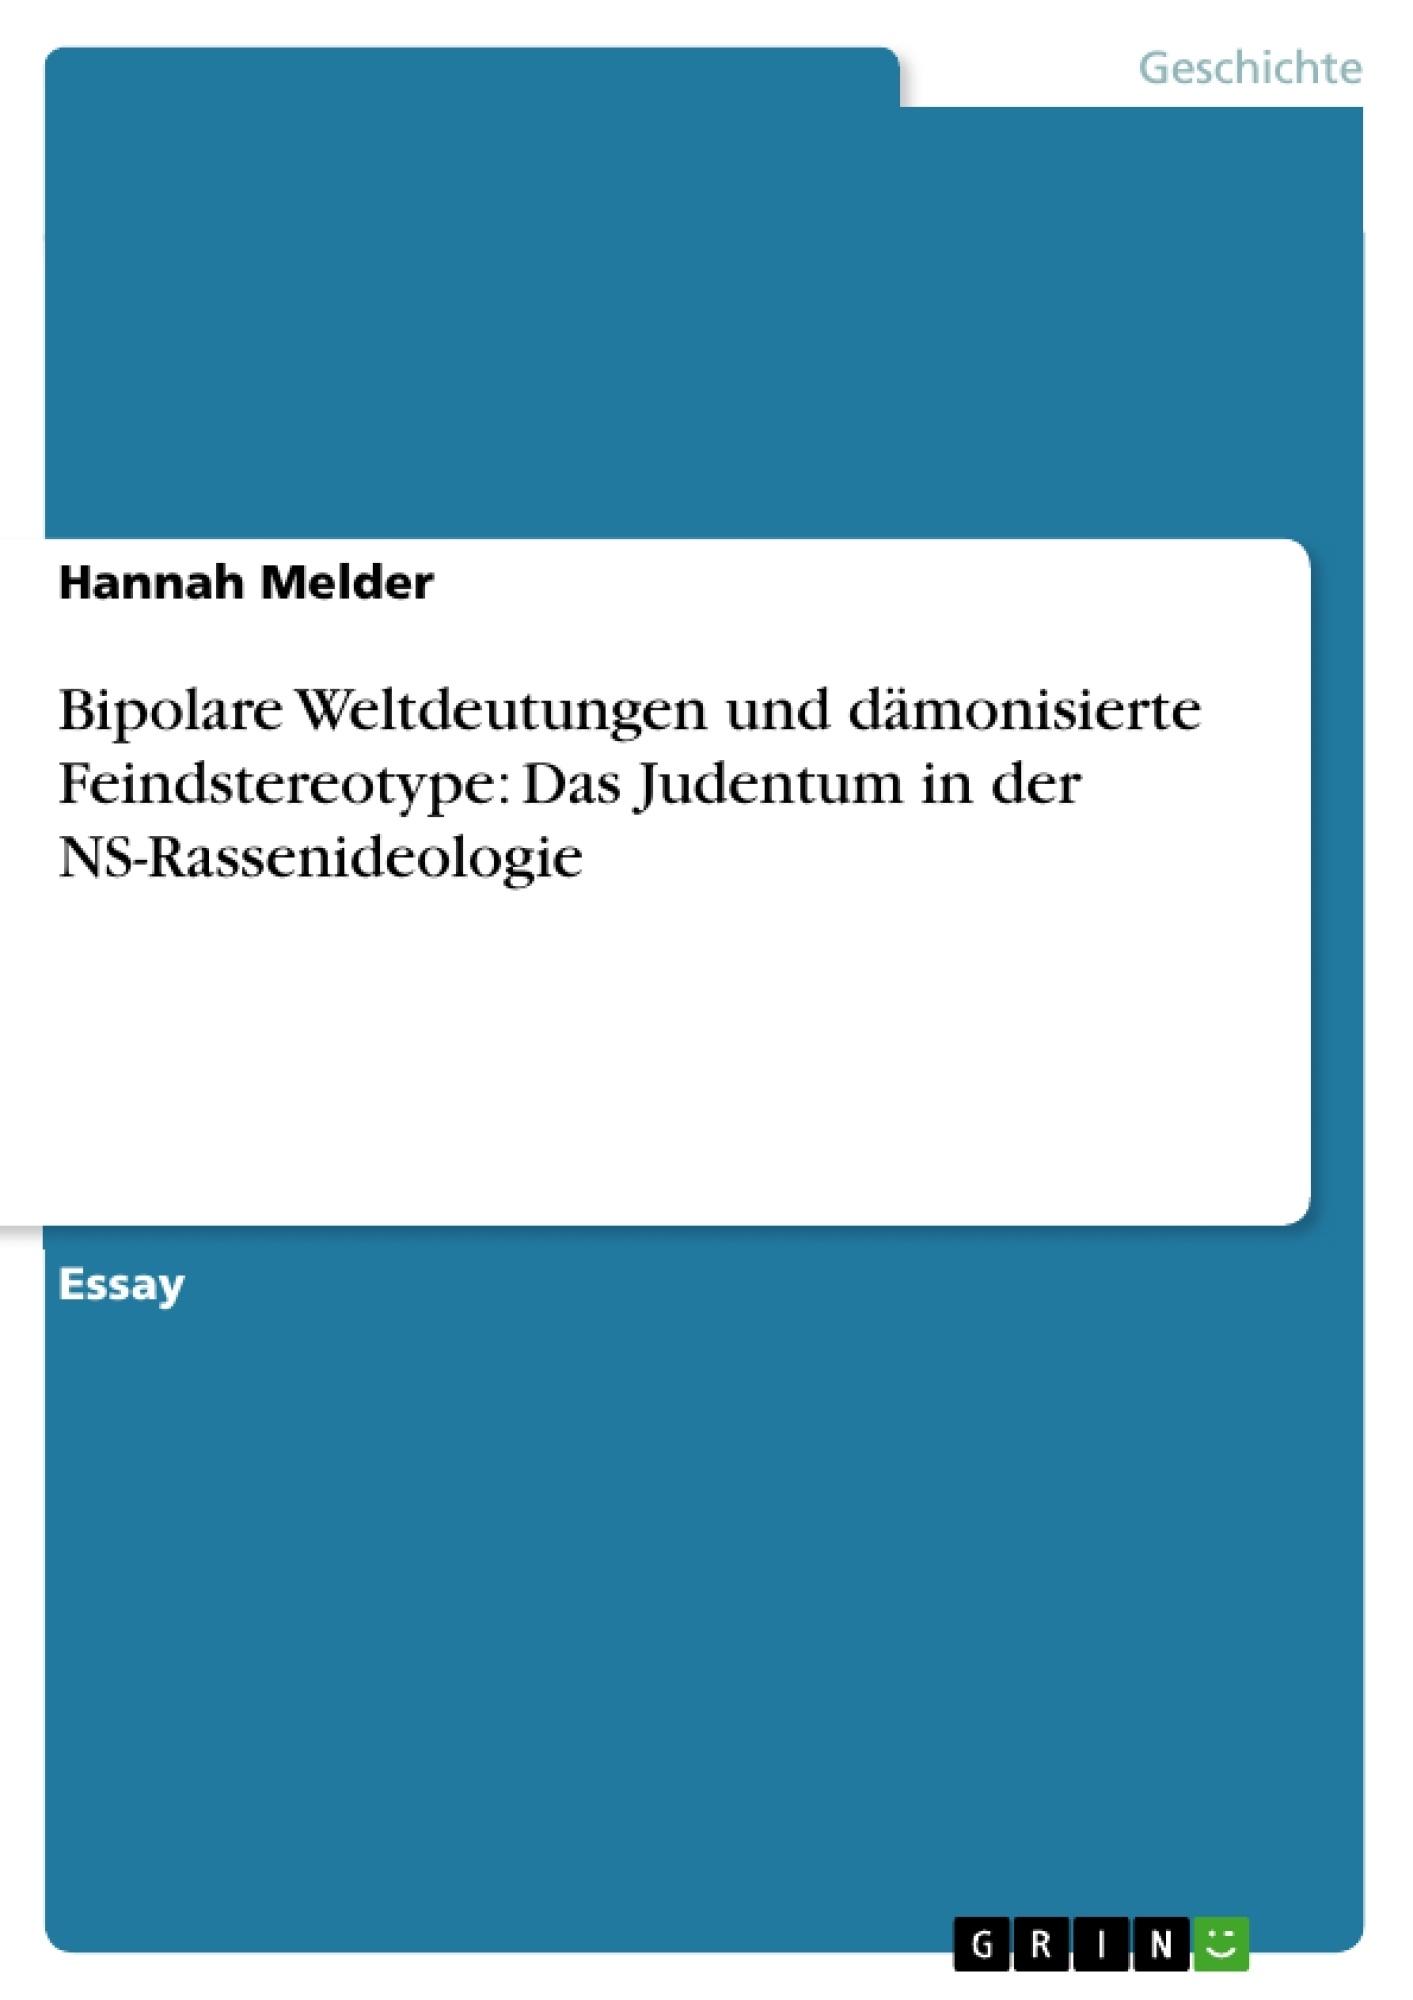 Titel: Bipolare Weltdeutungen und dämonisierte Feindstereotype: Das Judentum in der NS-Rassenideologie